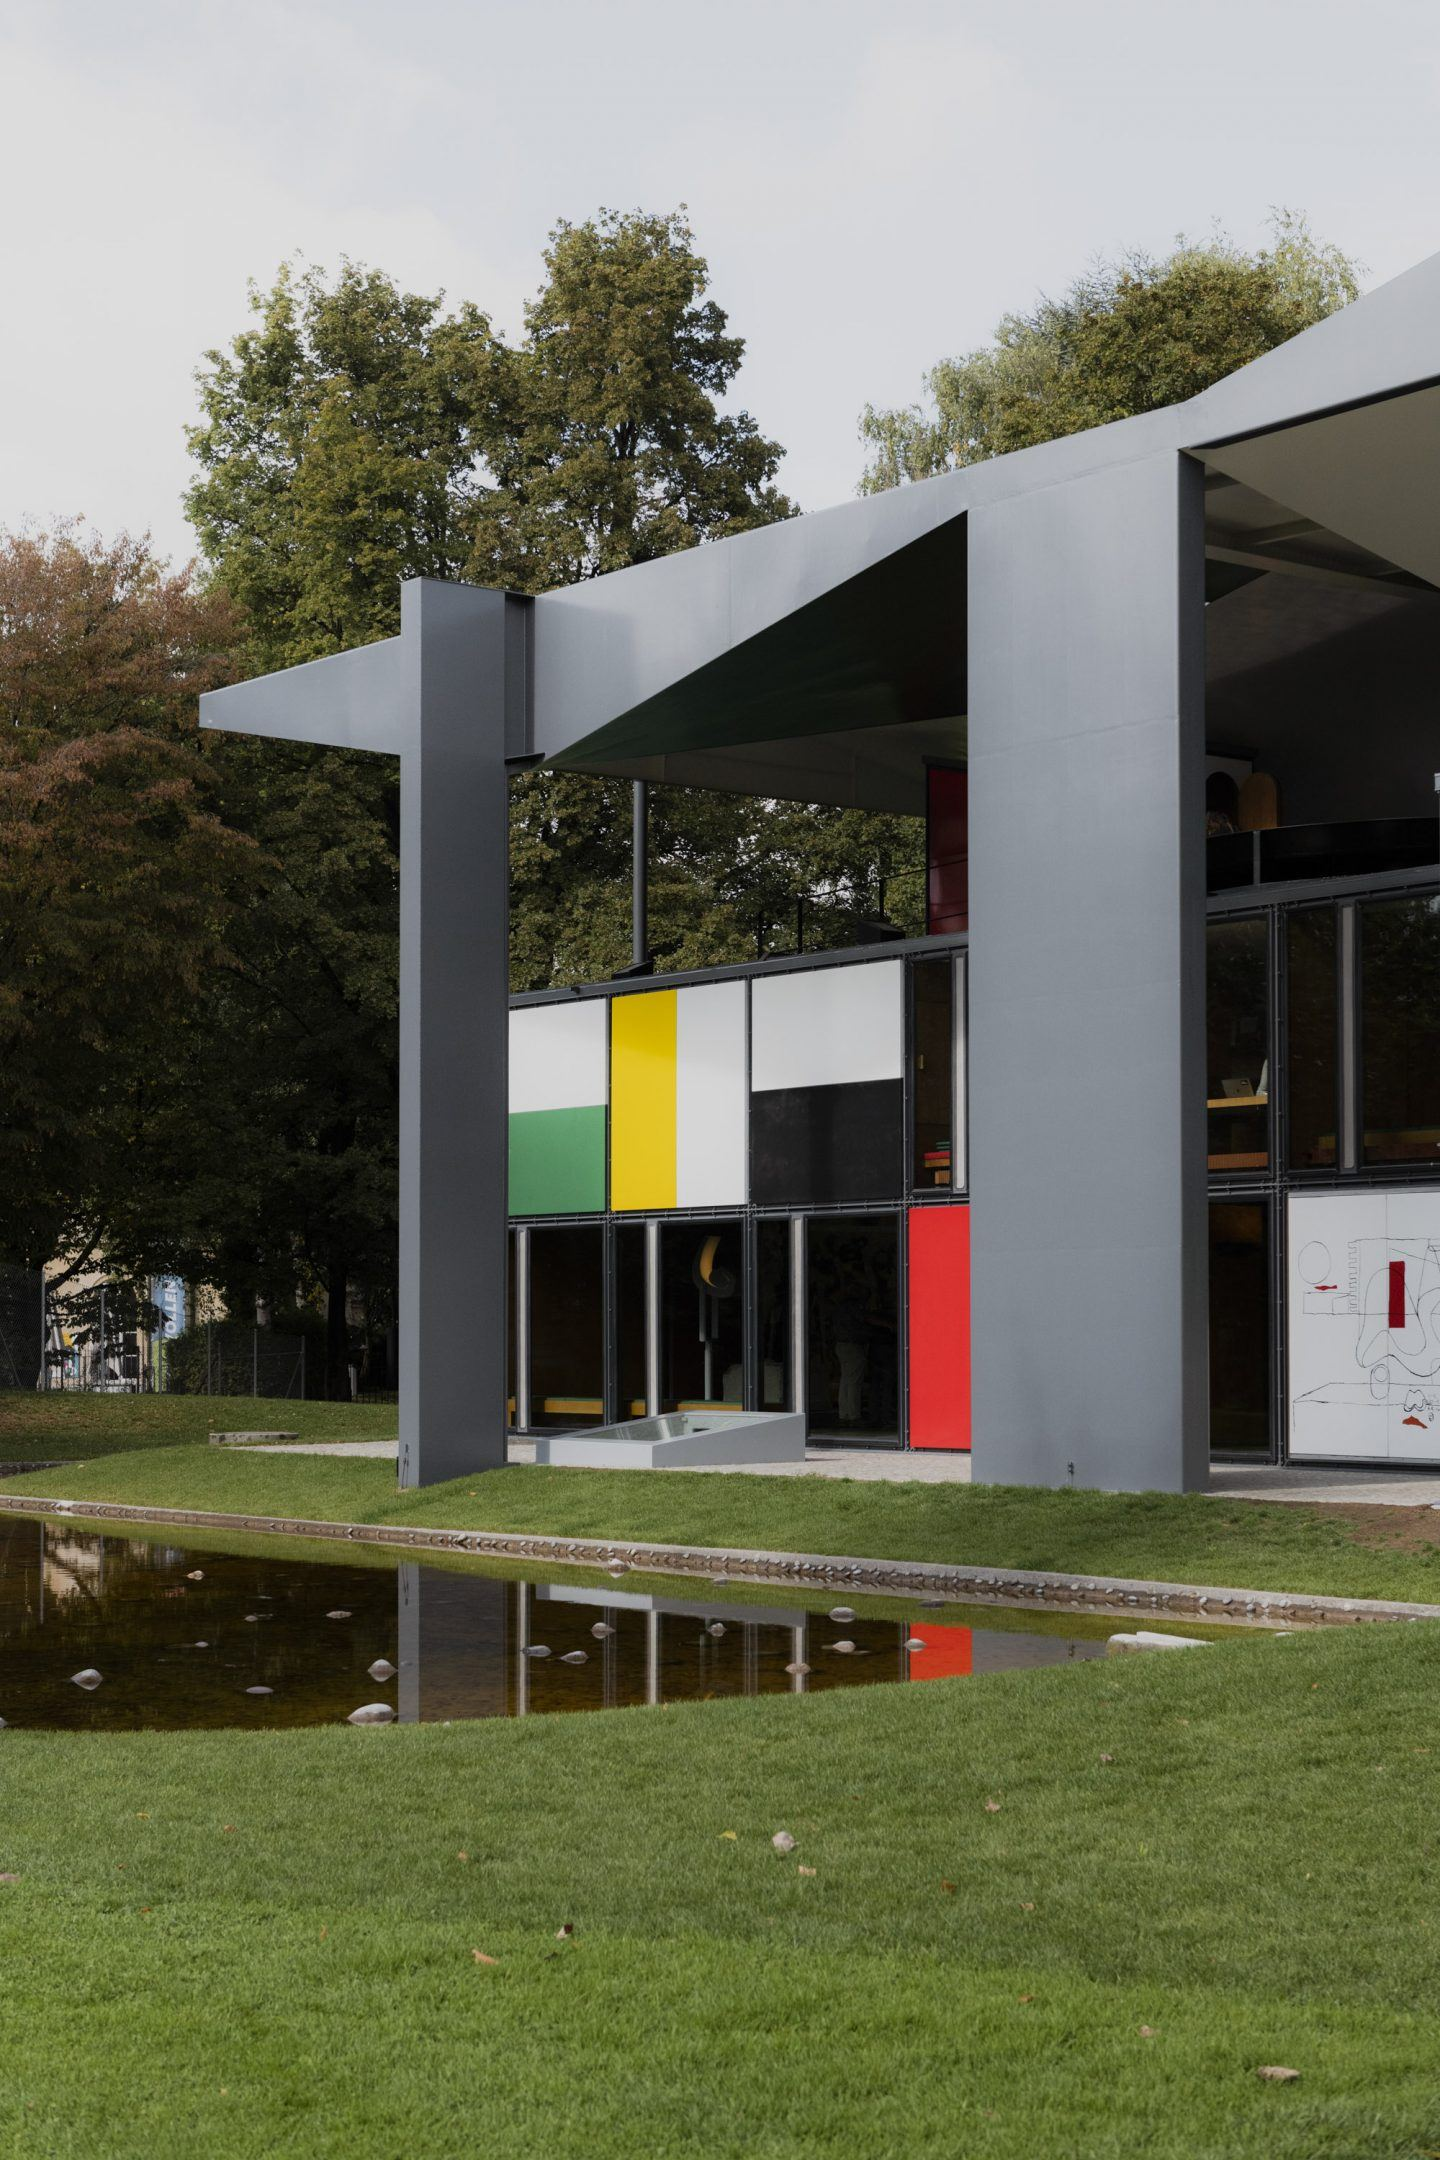 IGNANT-zurich-swizerland-PAVILLON-CORBUSIER-Franz-Gruenewald-12